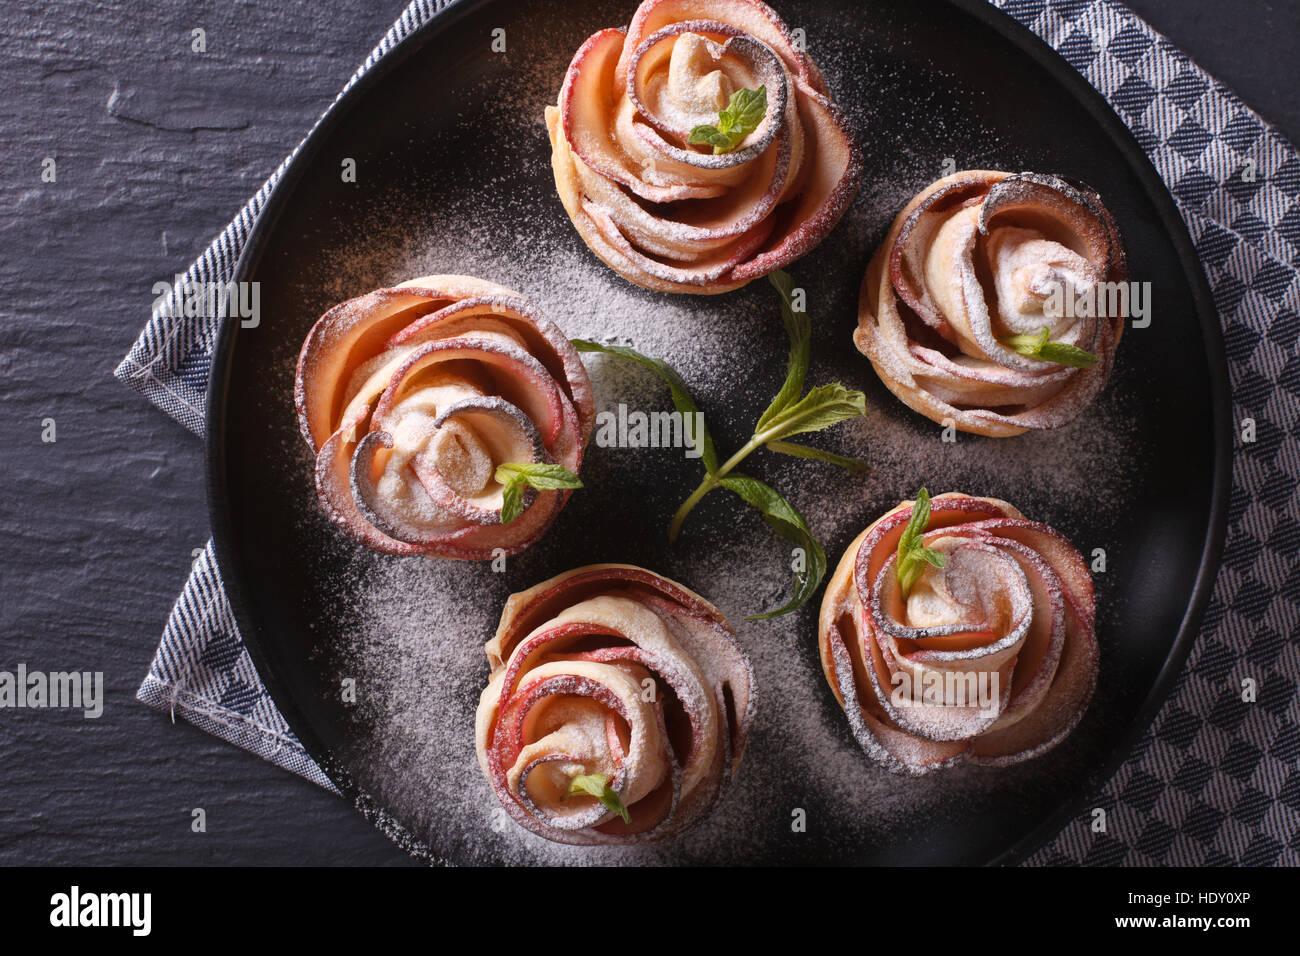 Wunderbares Essen: Apfel Dessert in Form von roses.horizontal Draufsicht Stockbild